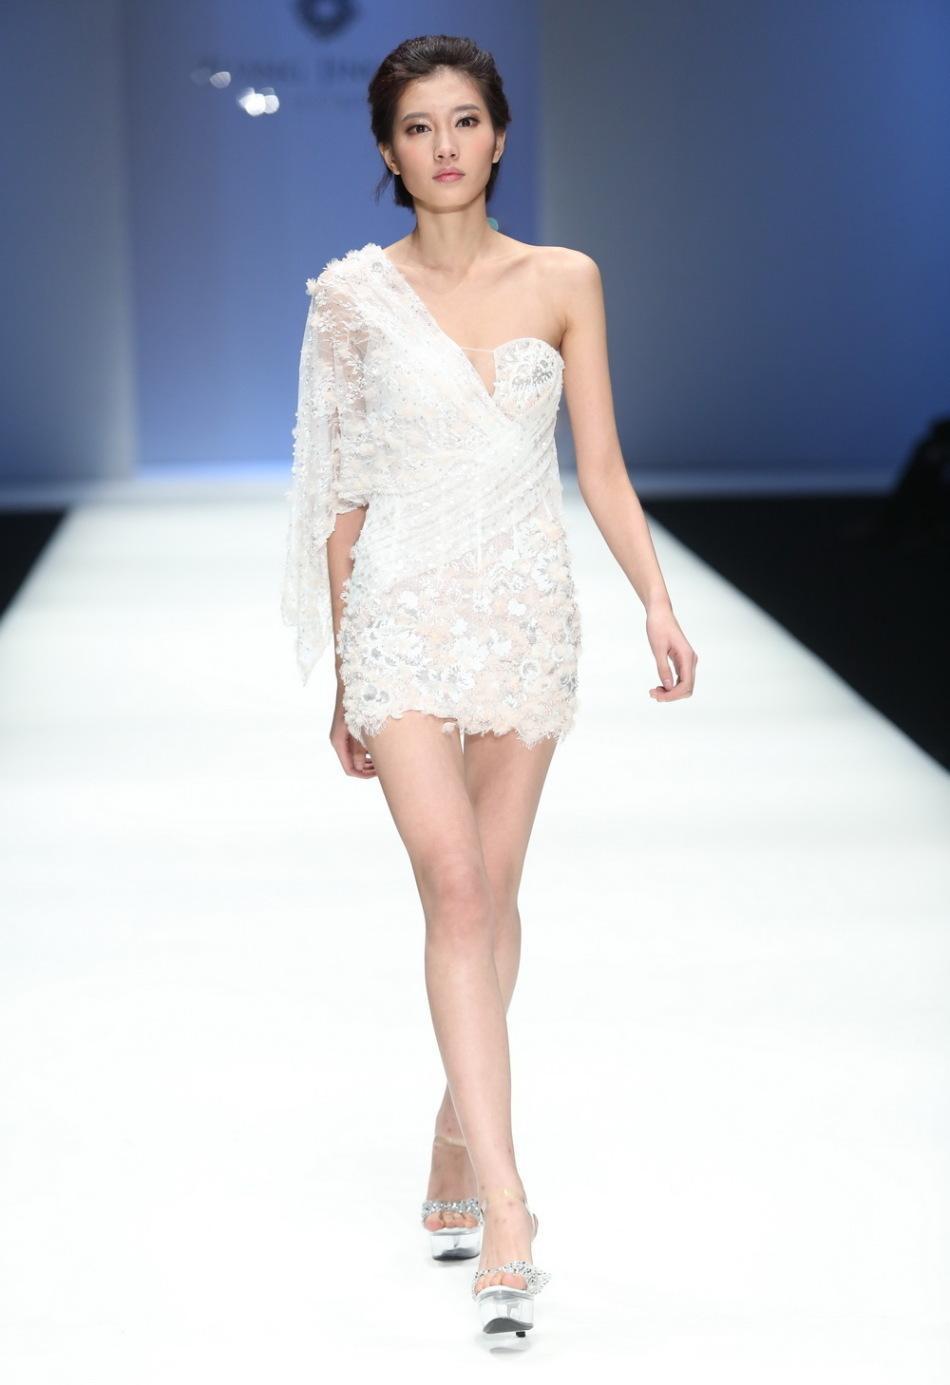 模特T台走秀的服装与化妆造型首选澜化妆造型工作室